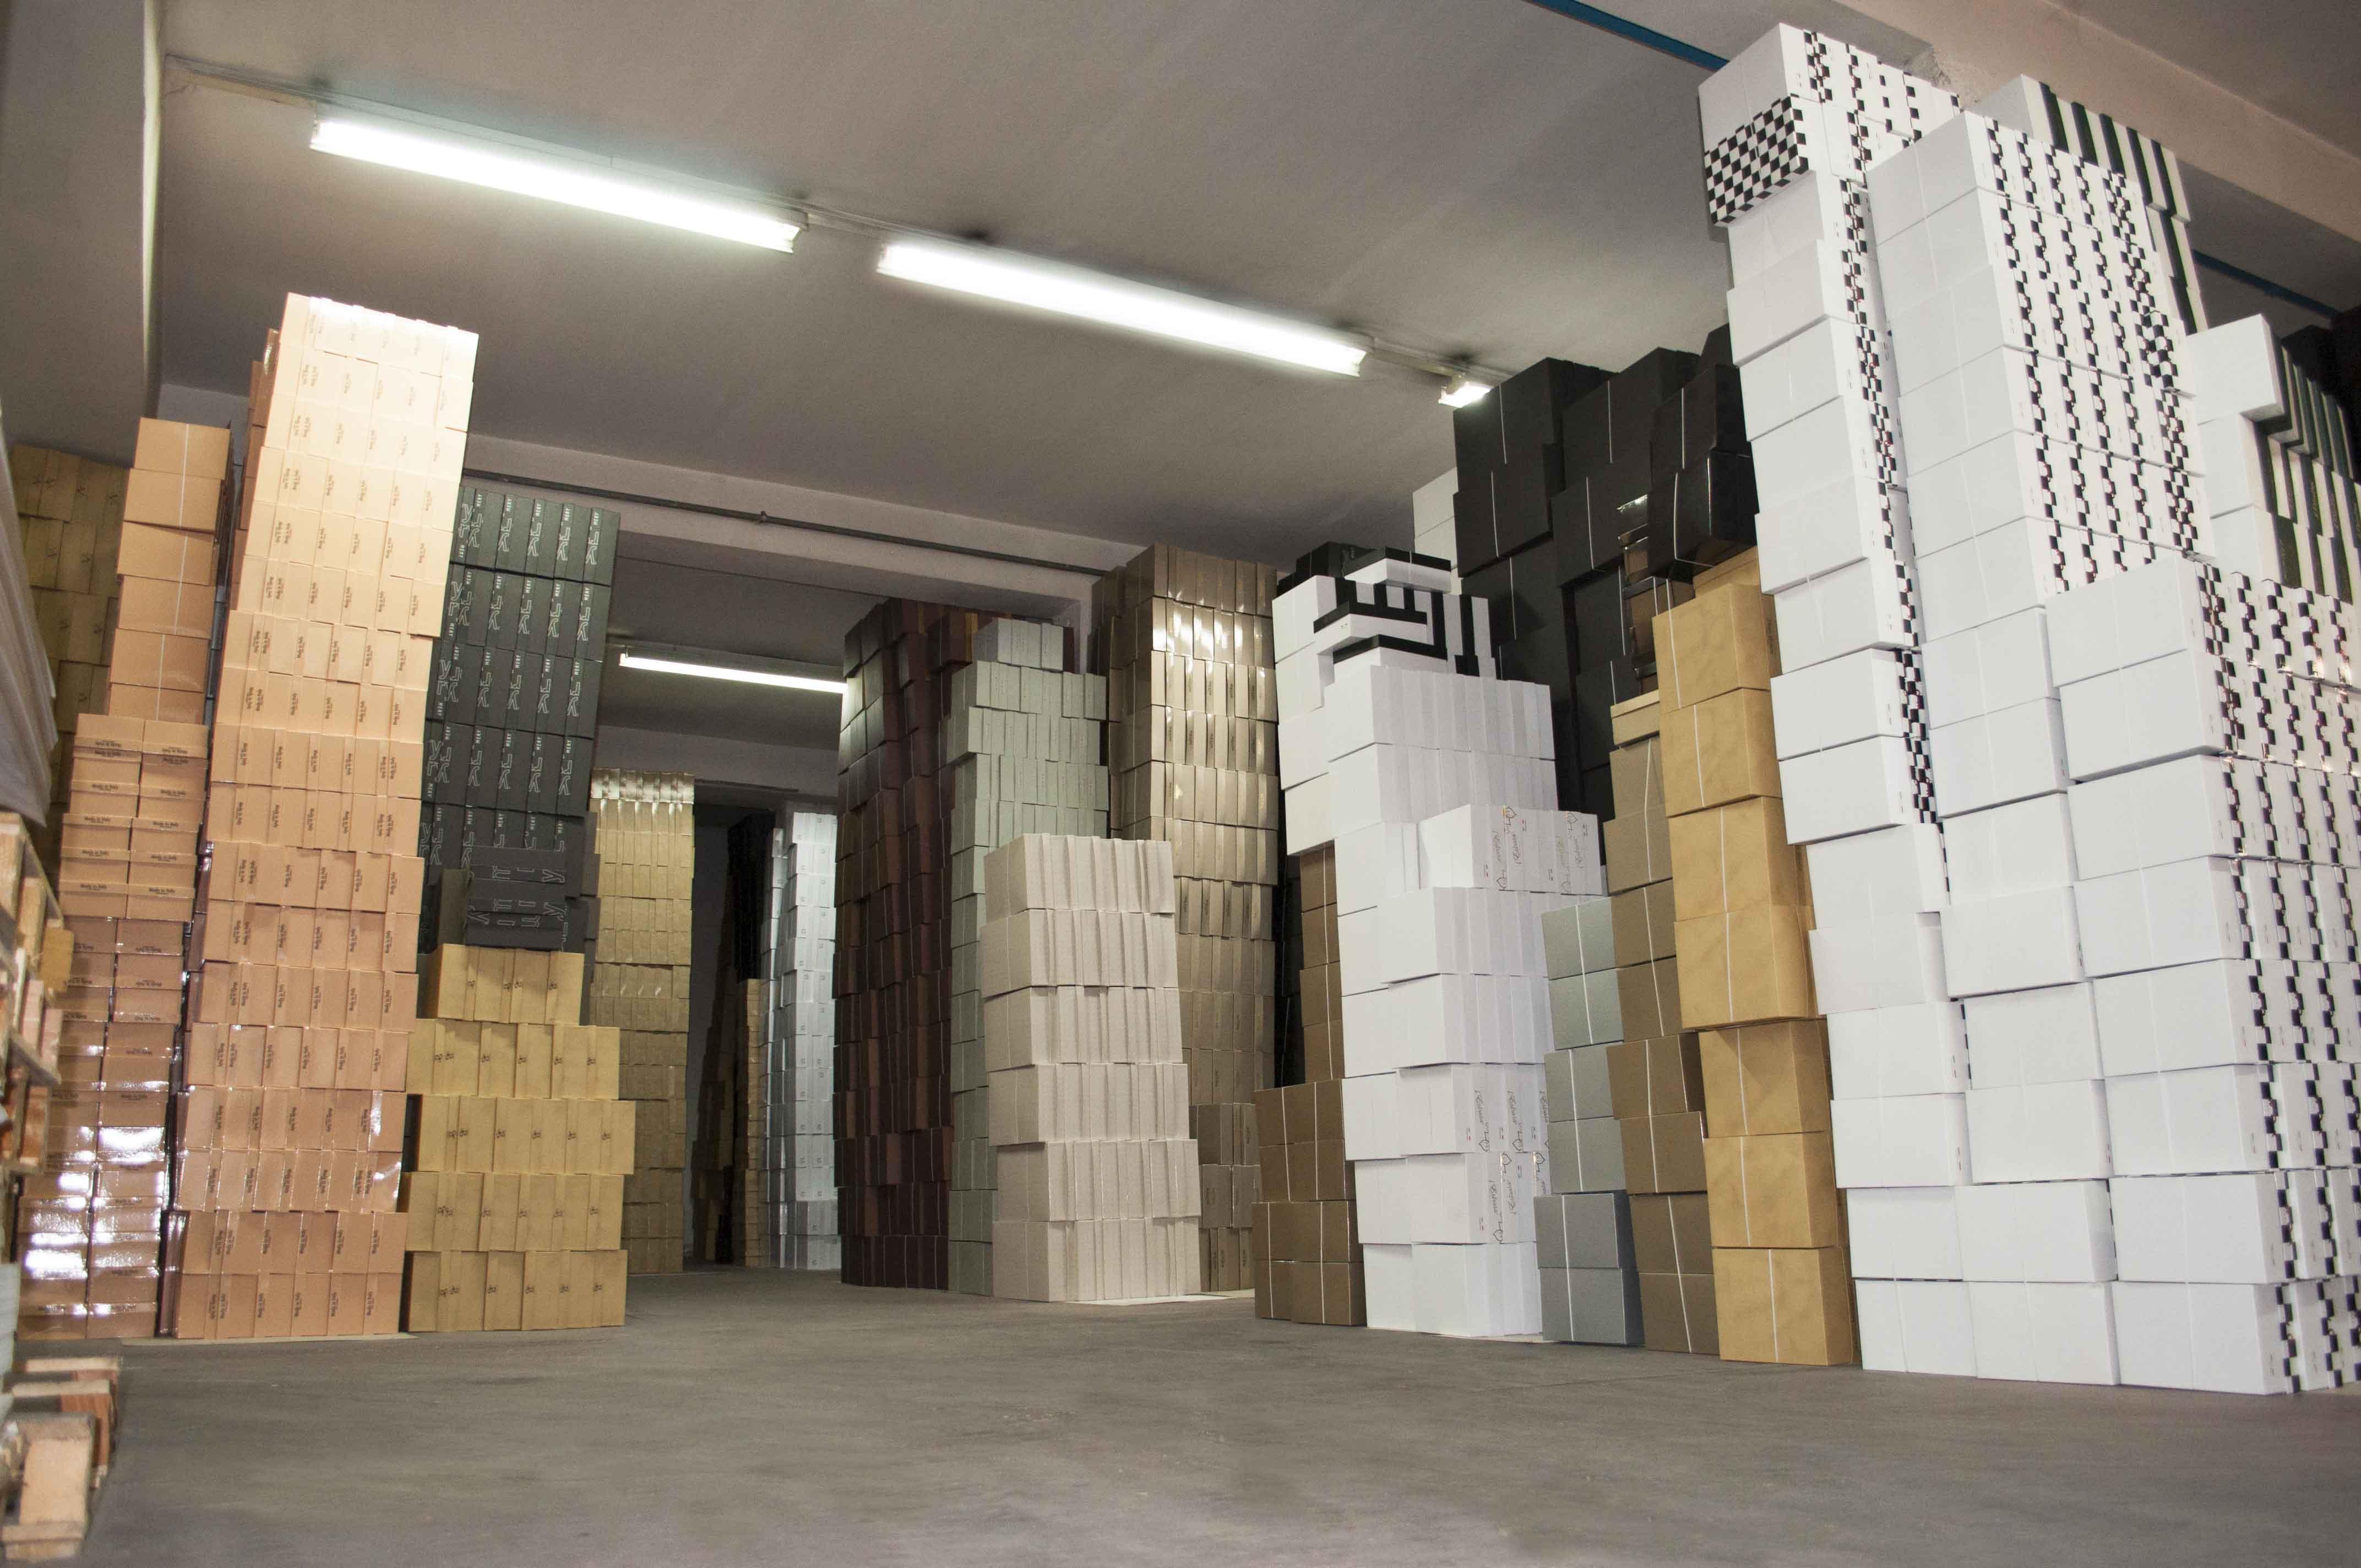 Magazzino-scatole-2_full